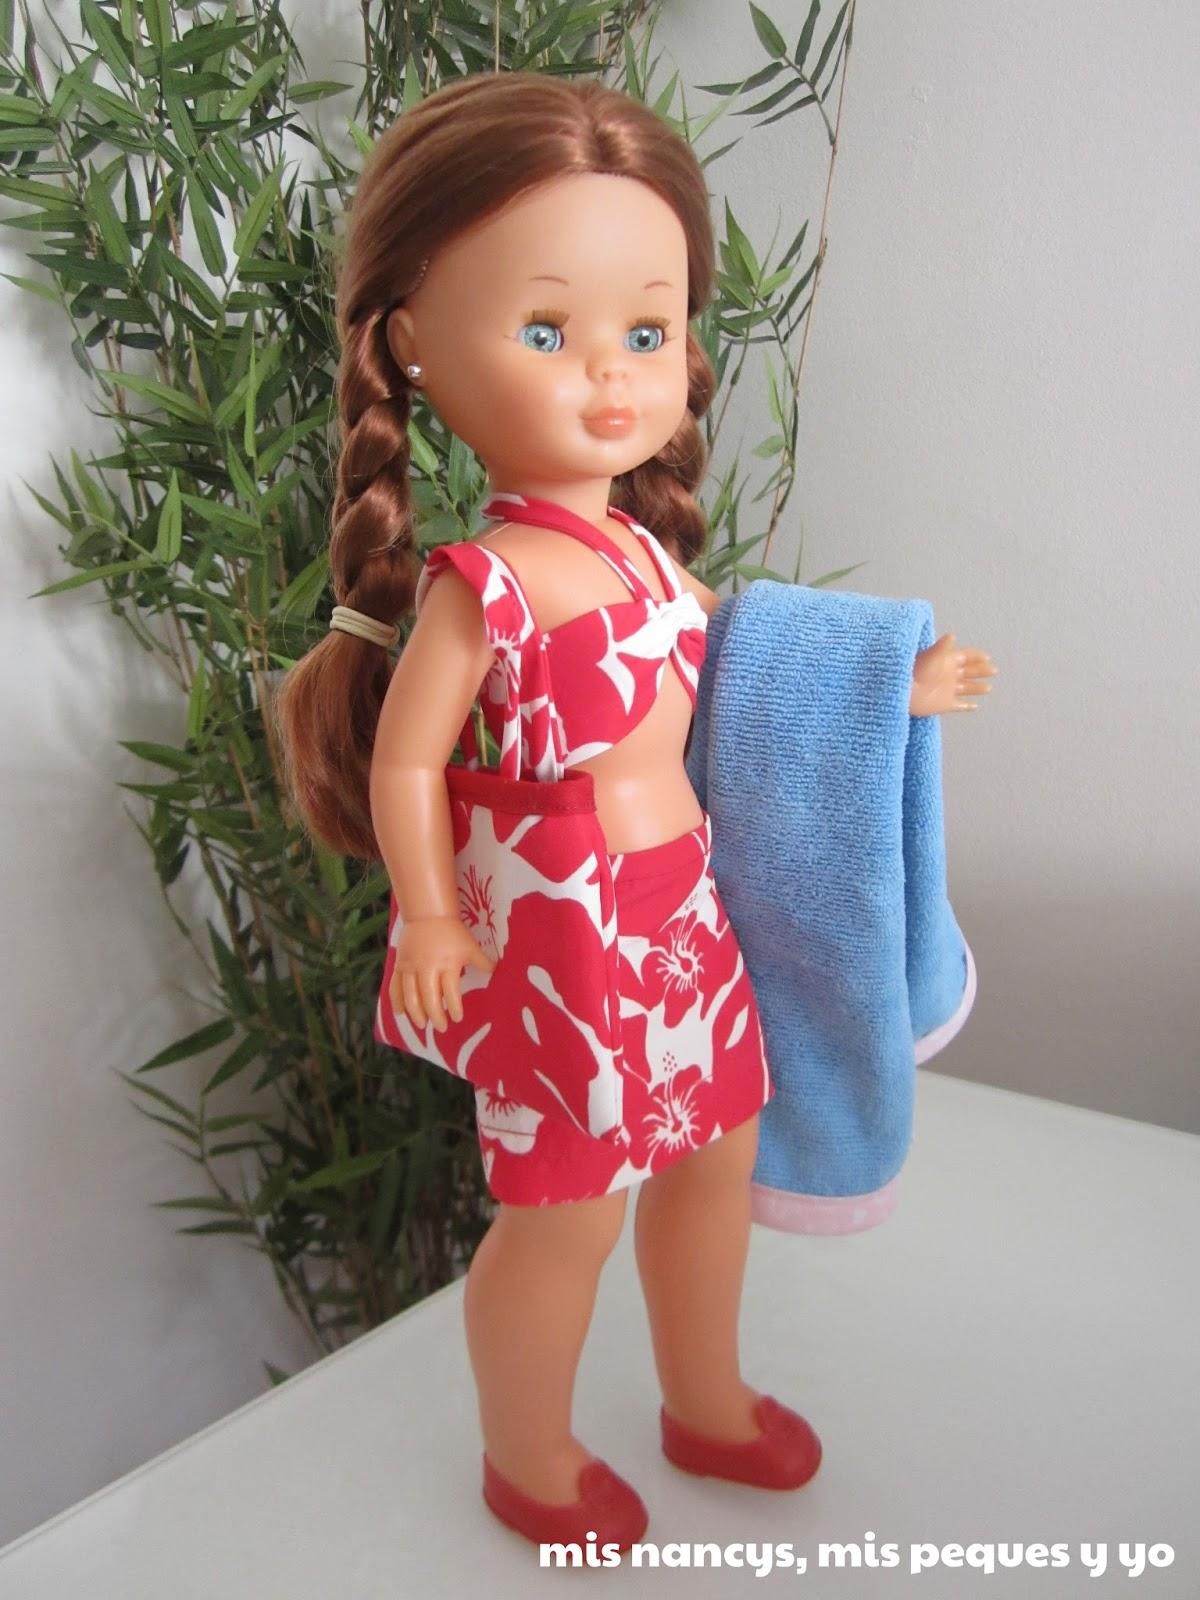 mis nancys, mis peques y yo, conjunto playero: falda, bustier, bolsa y toalla nancy